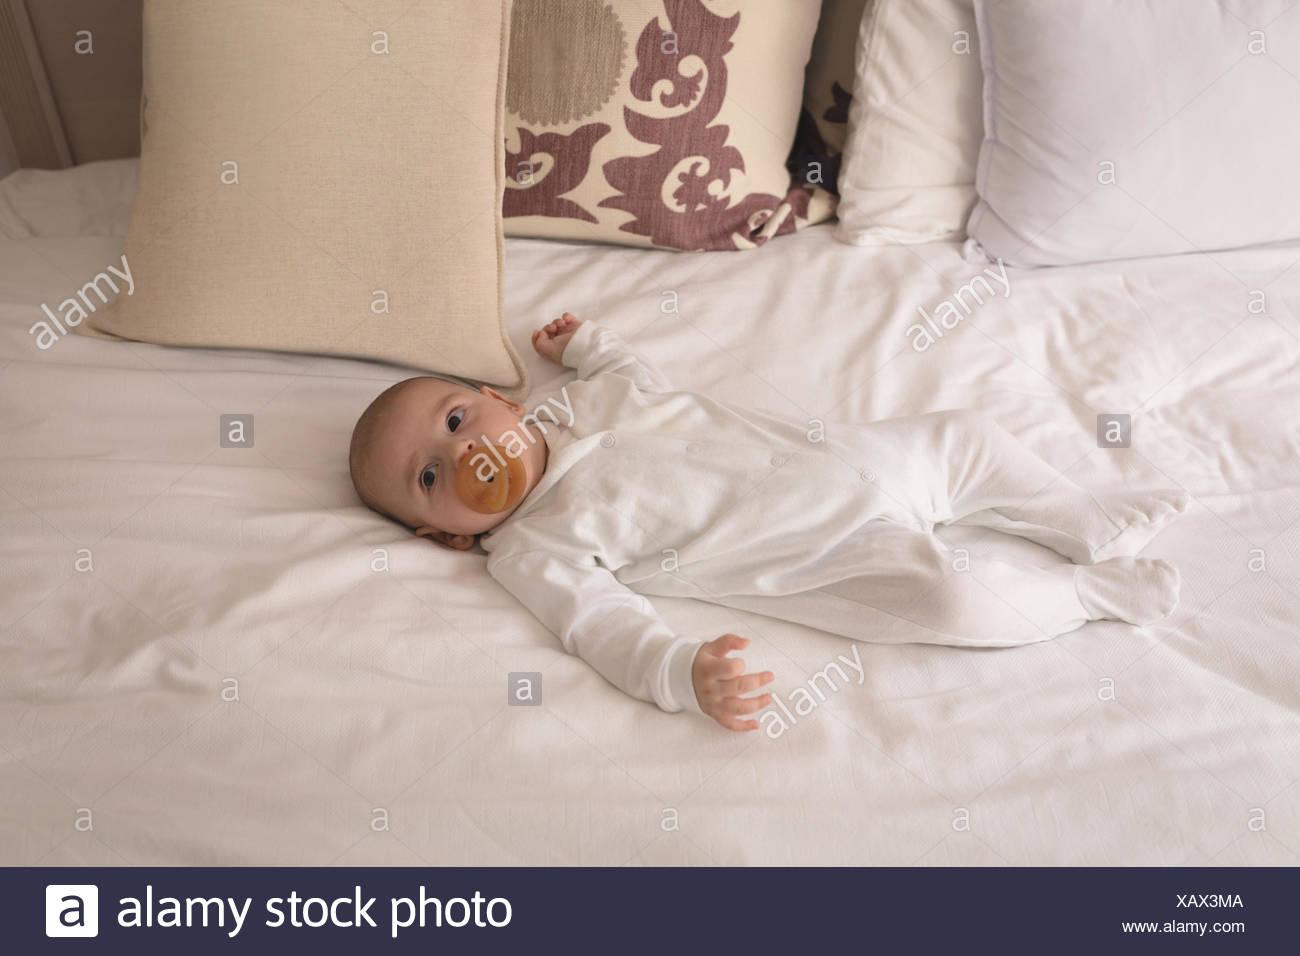 Mignon petit bébé avec tétine en bouche de dormir sur le lit Banque D'Images